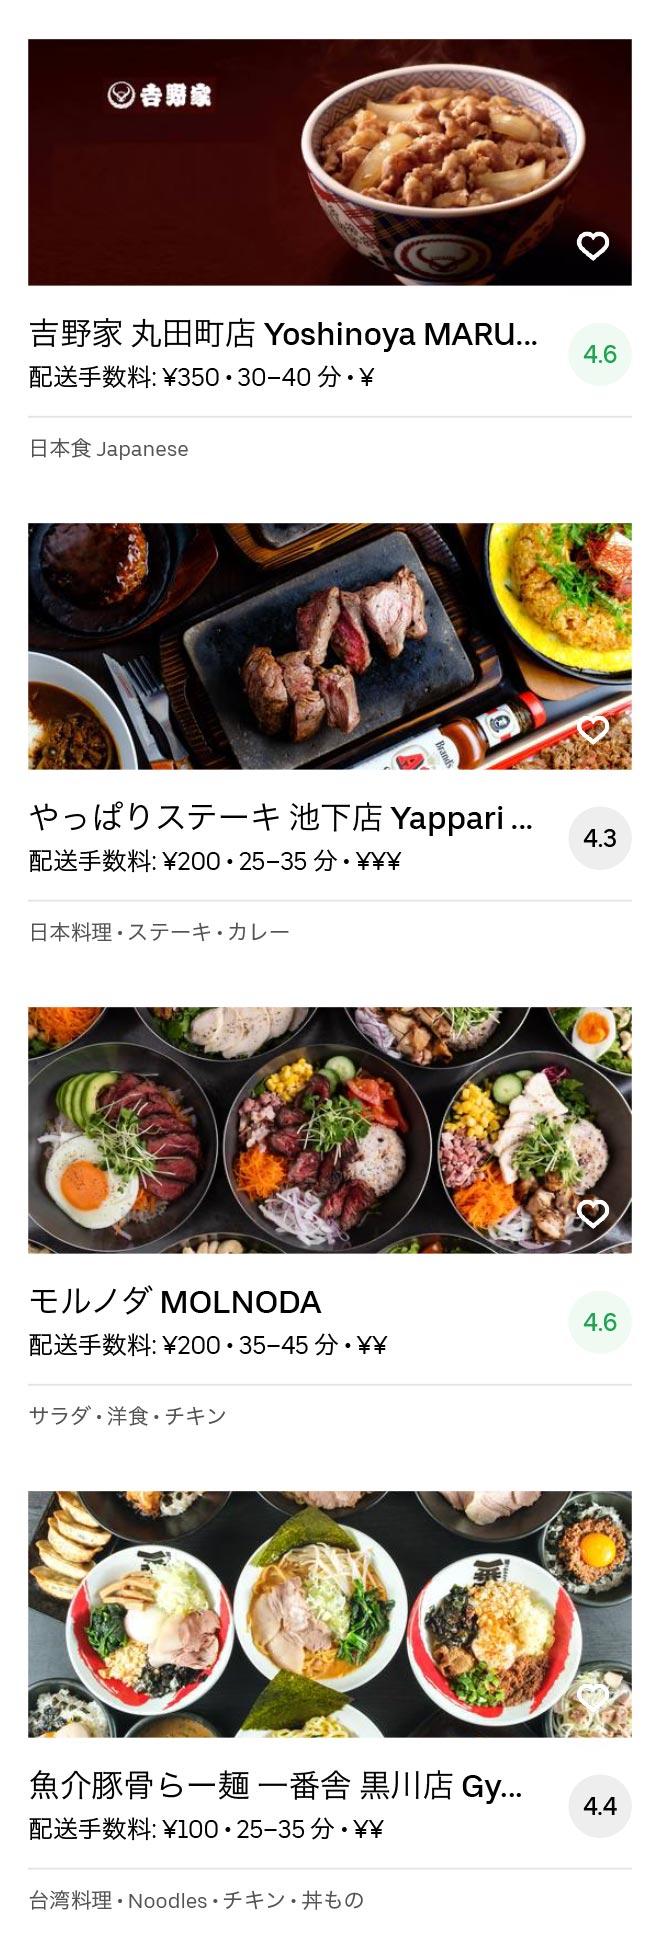 Nagoya ozone menu 2005 06